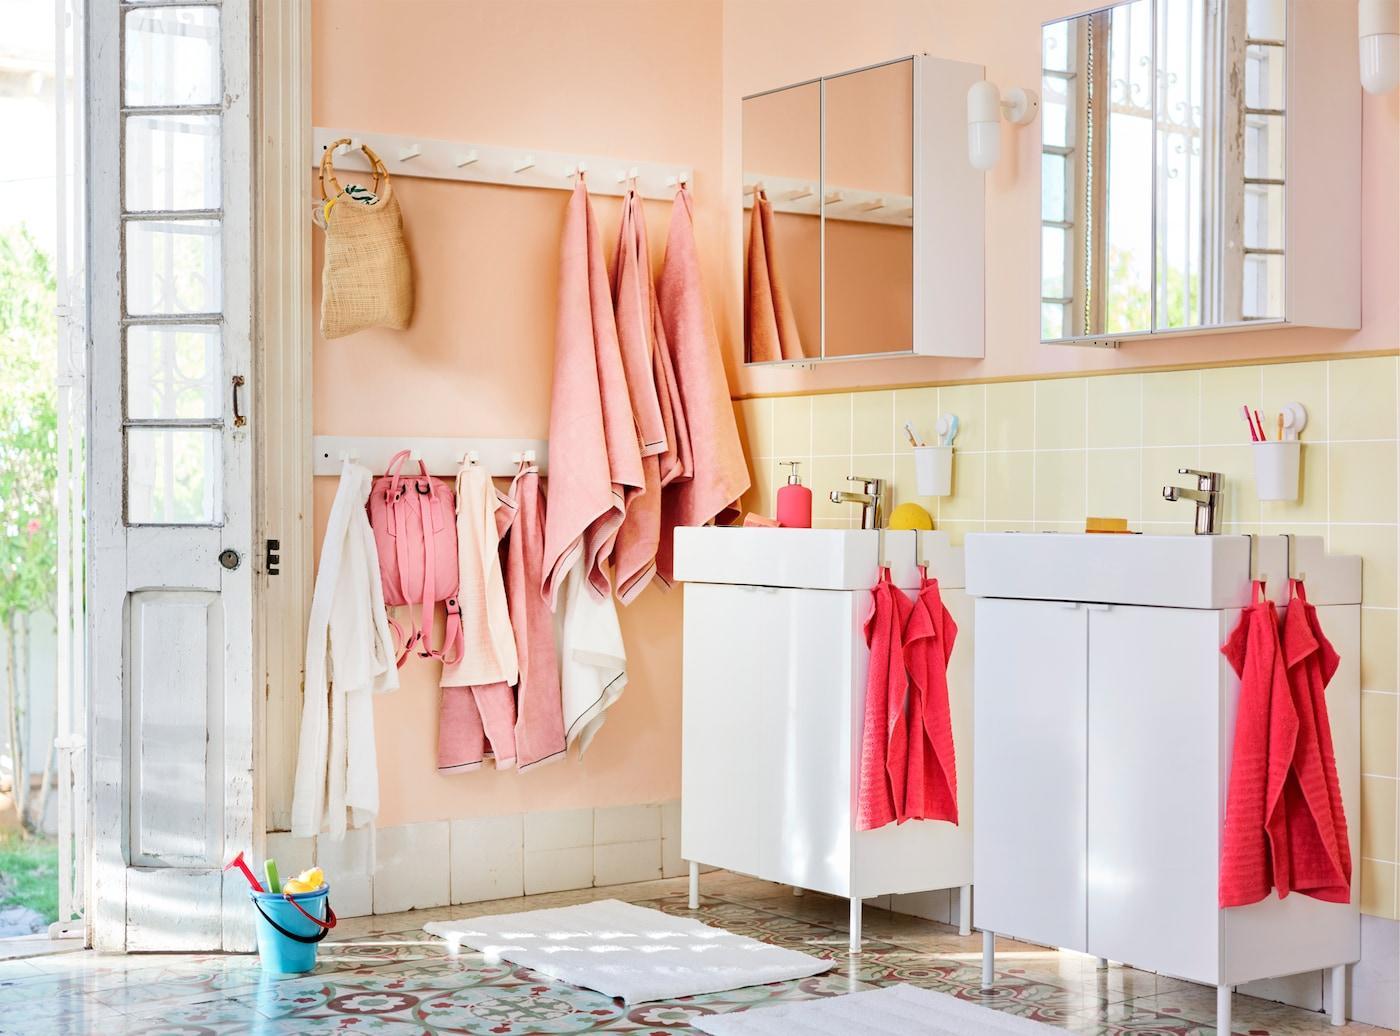 Svetlo kupatilo s različitim peškirima u roze i koralnim nijansama, i vreće okačene na zid.